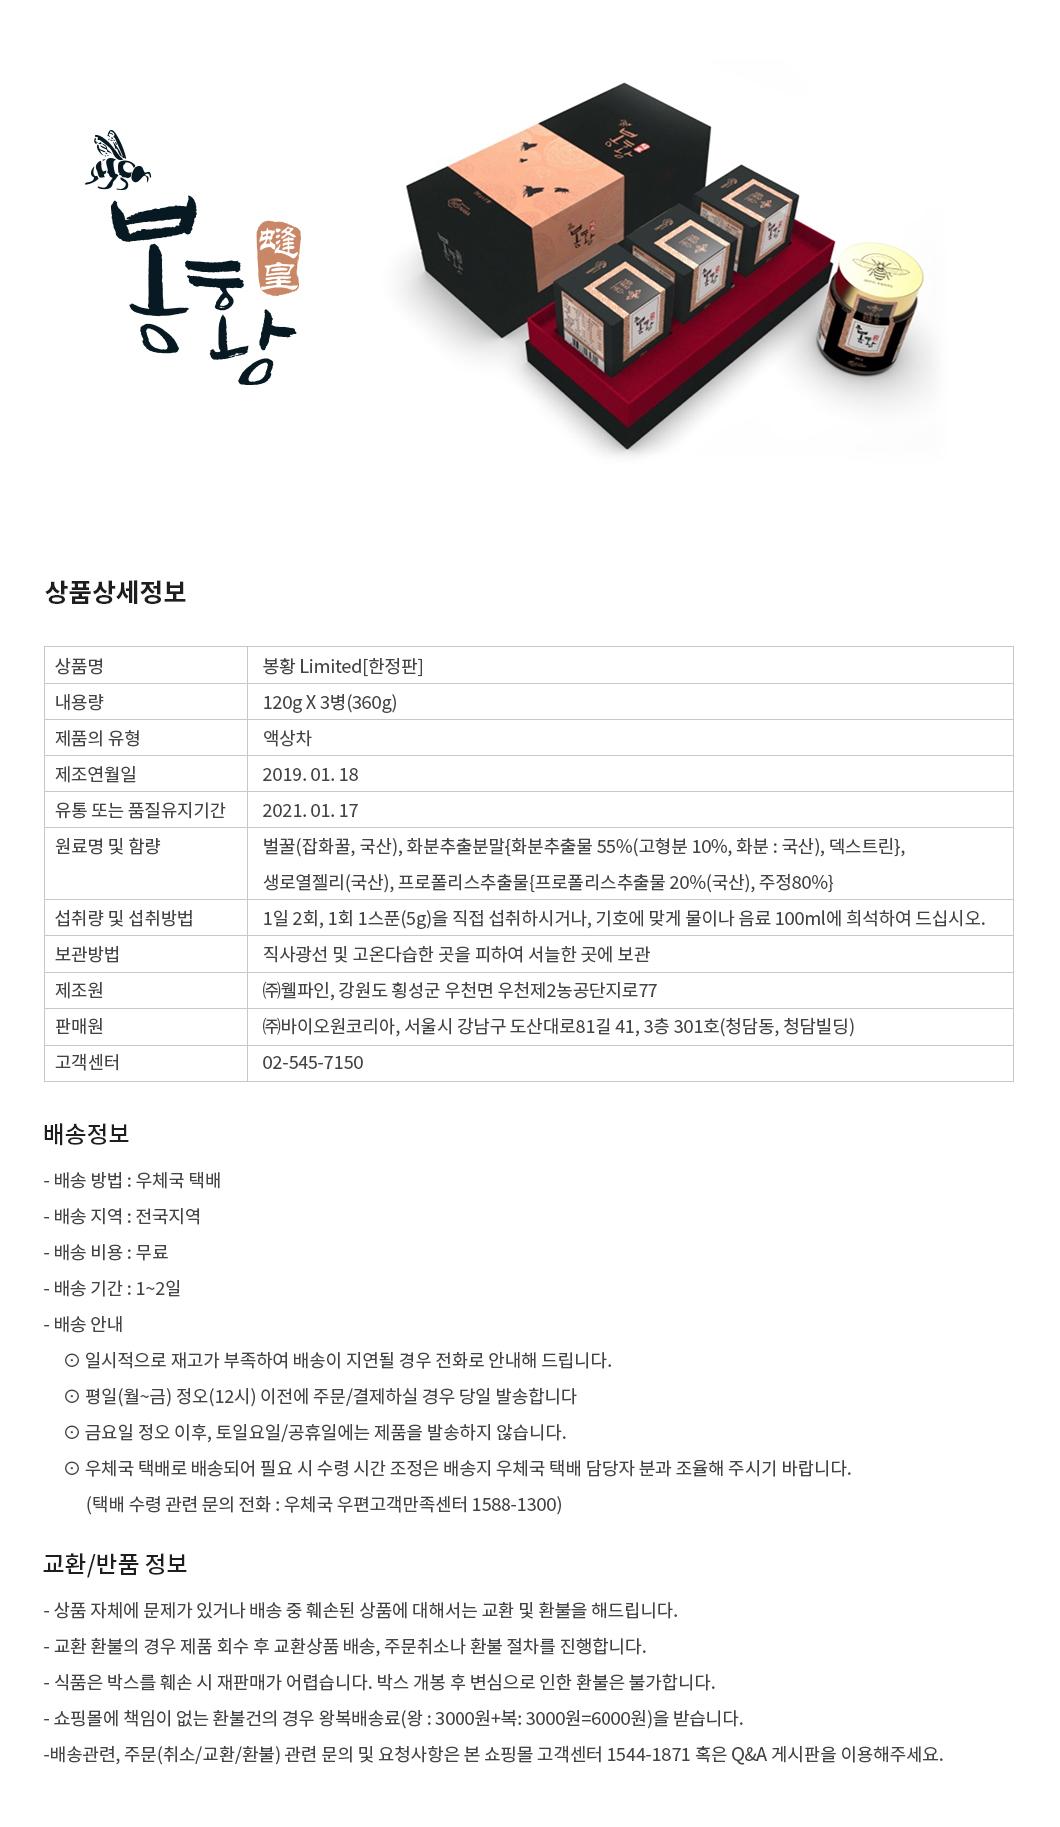 봉황-상품정보.jpg